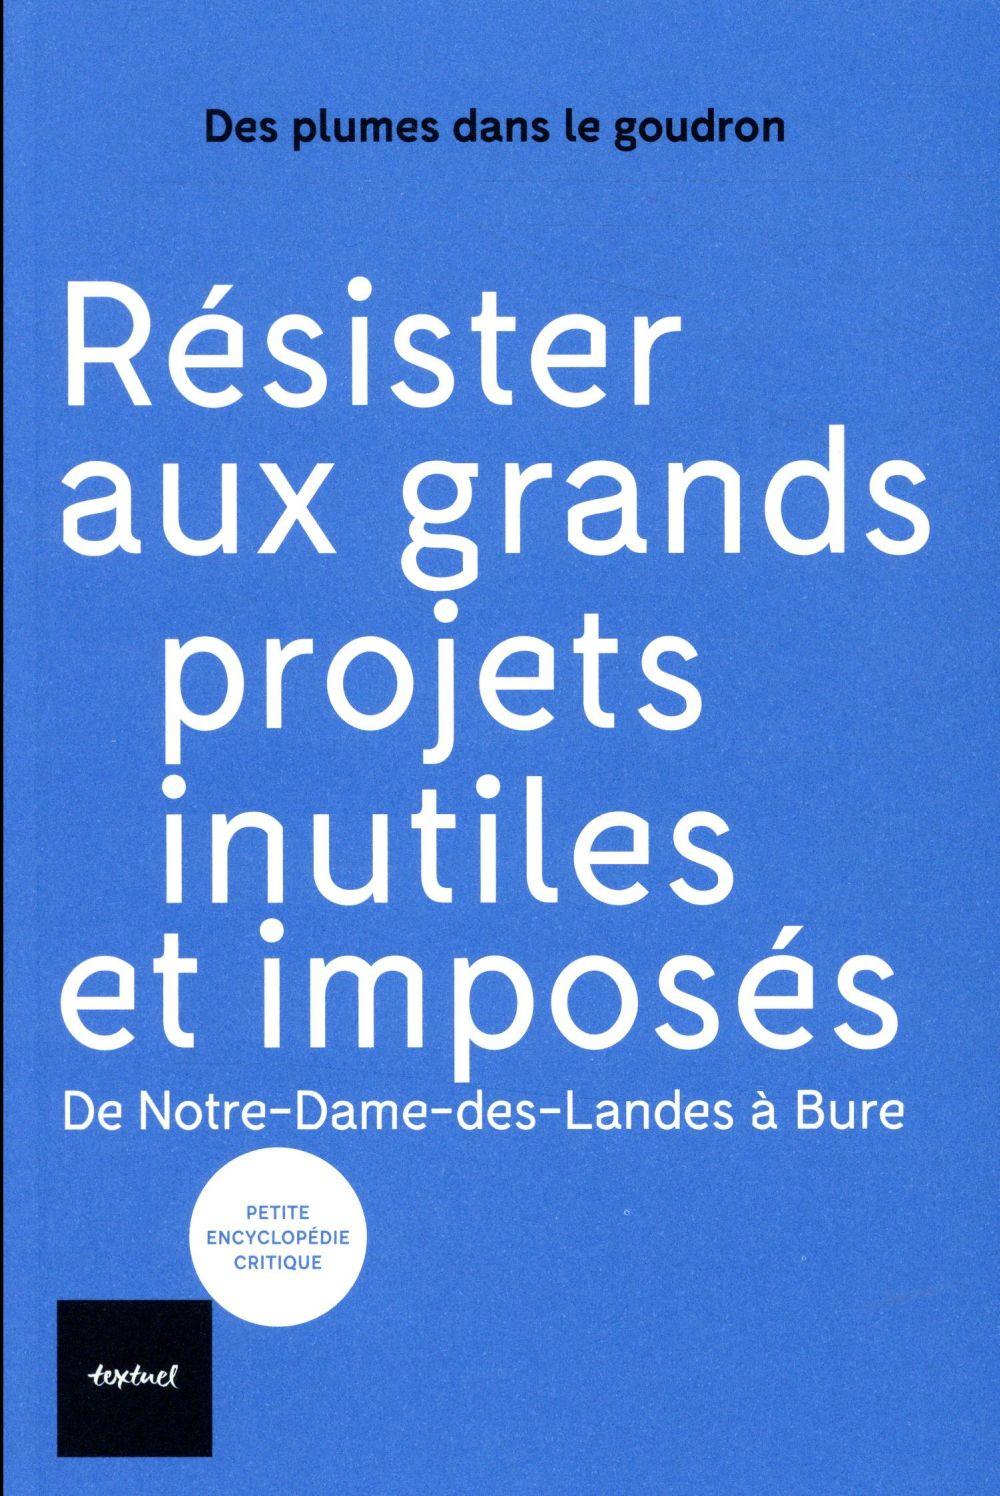 Résister aux grands projets inutiles et imposés ; de Notre-Dame-des-Landes à Bure